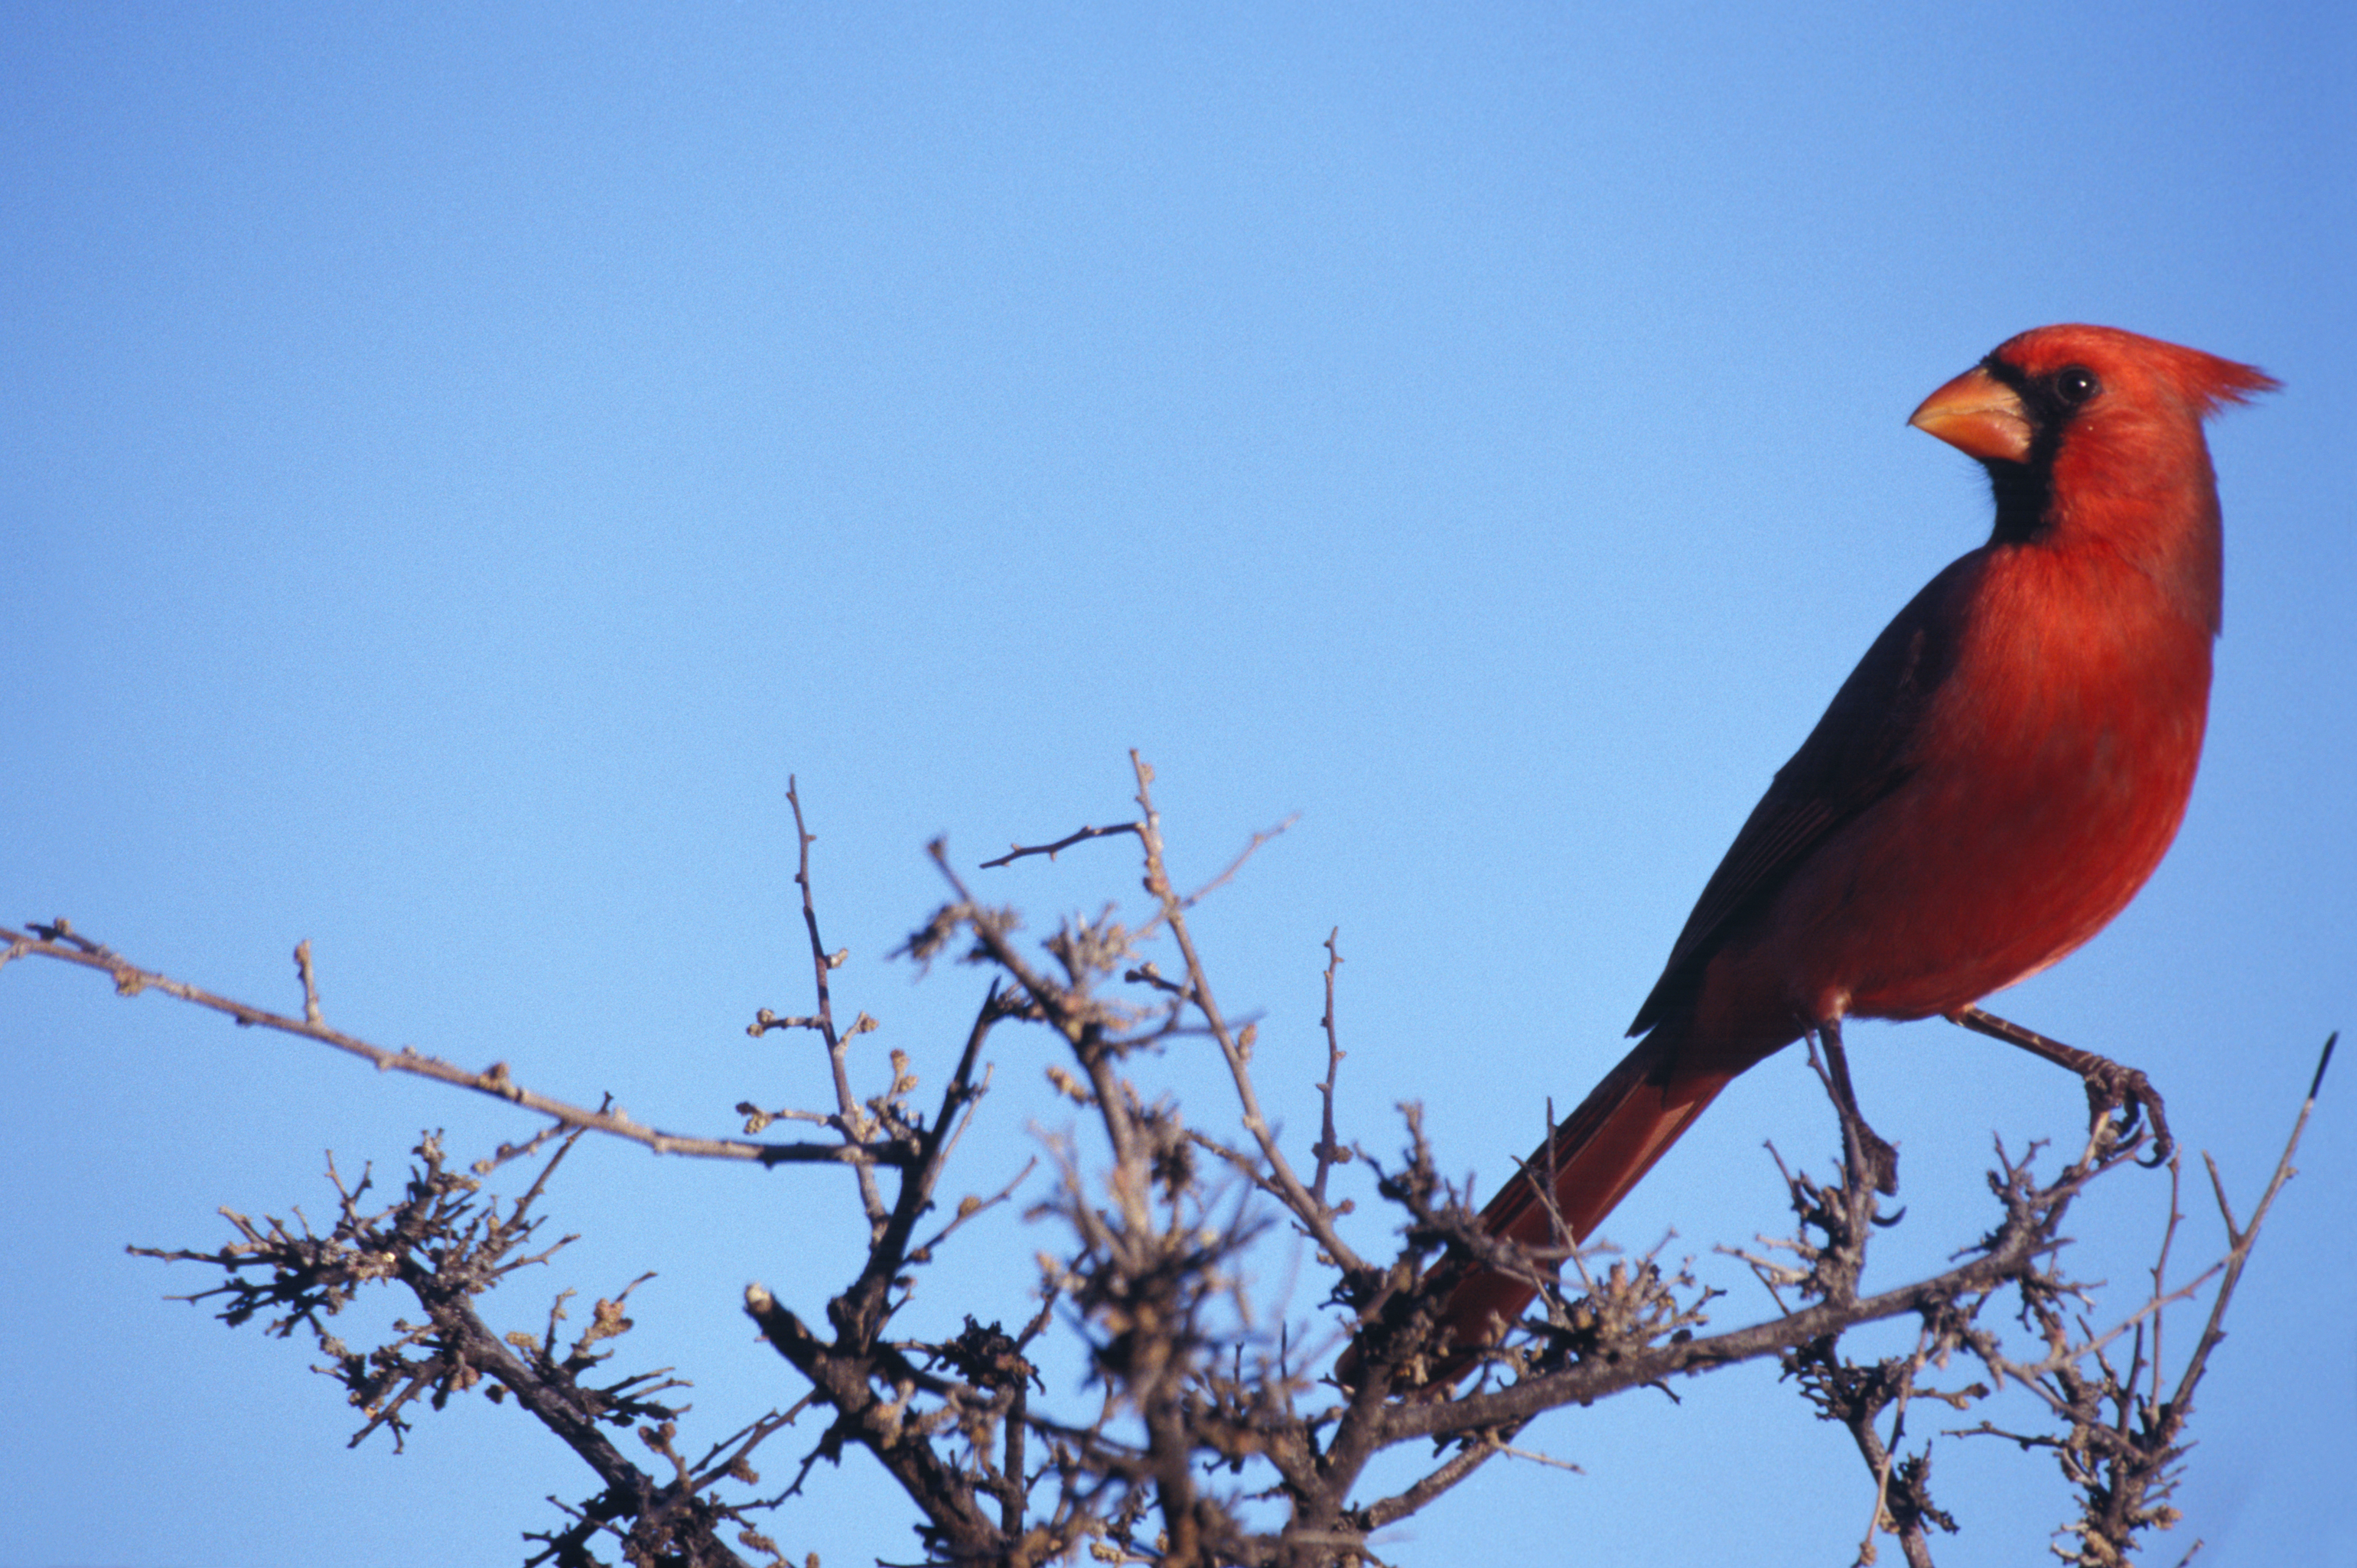 File:Cardinalis cardinalis NBII.jpg - Wikimedia Commons